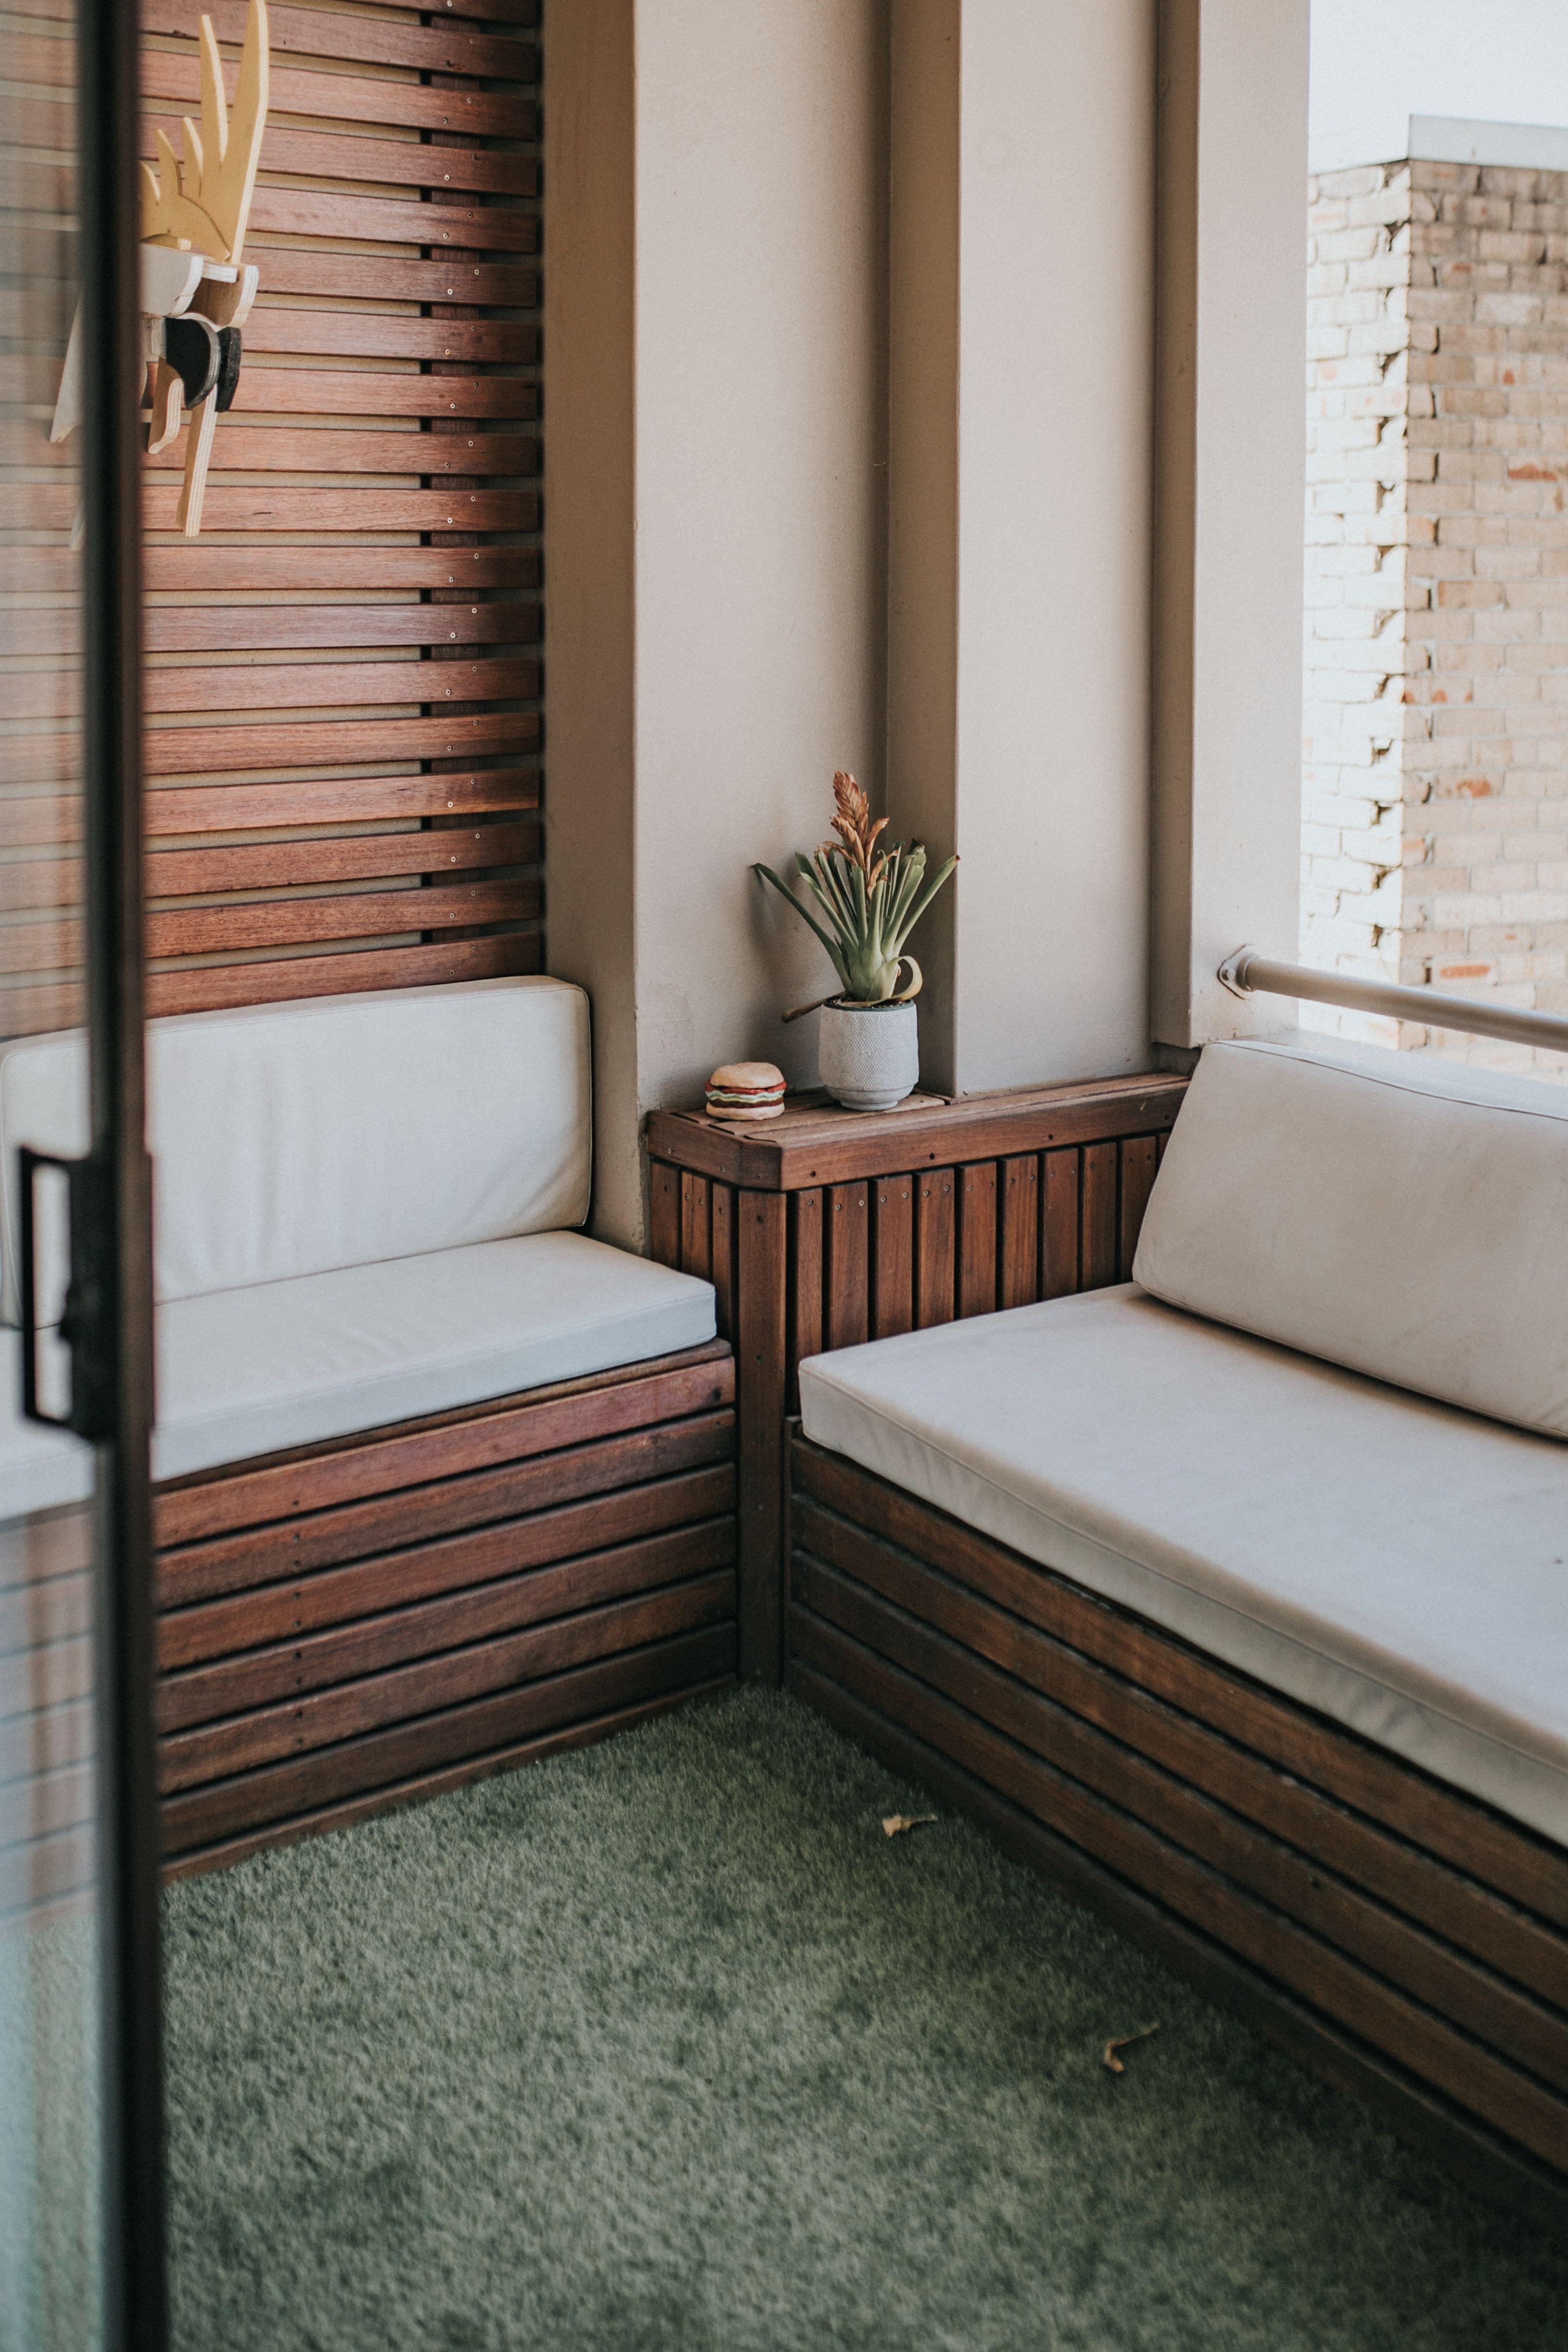 Wohnen In Sydney Nachbarschaften Hotels Apartments Www Sophiehearts Com Wohnen Wohnung Hotels